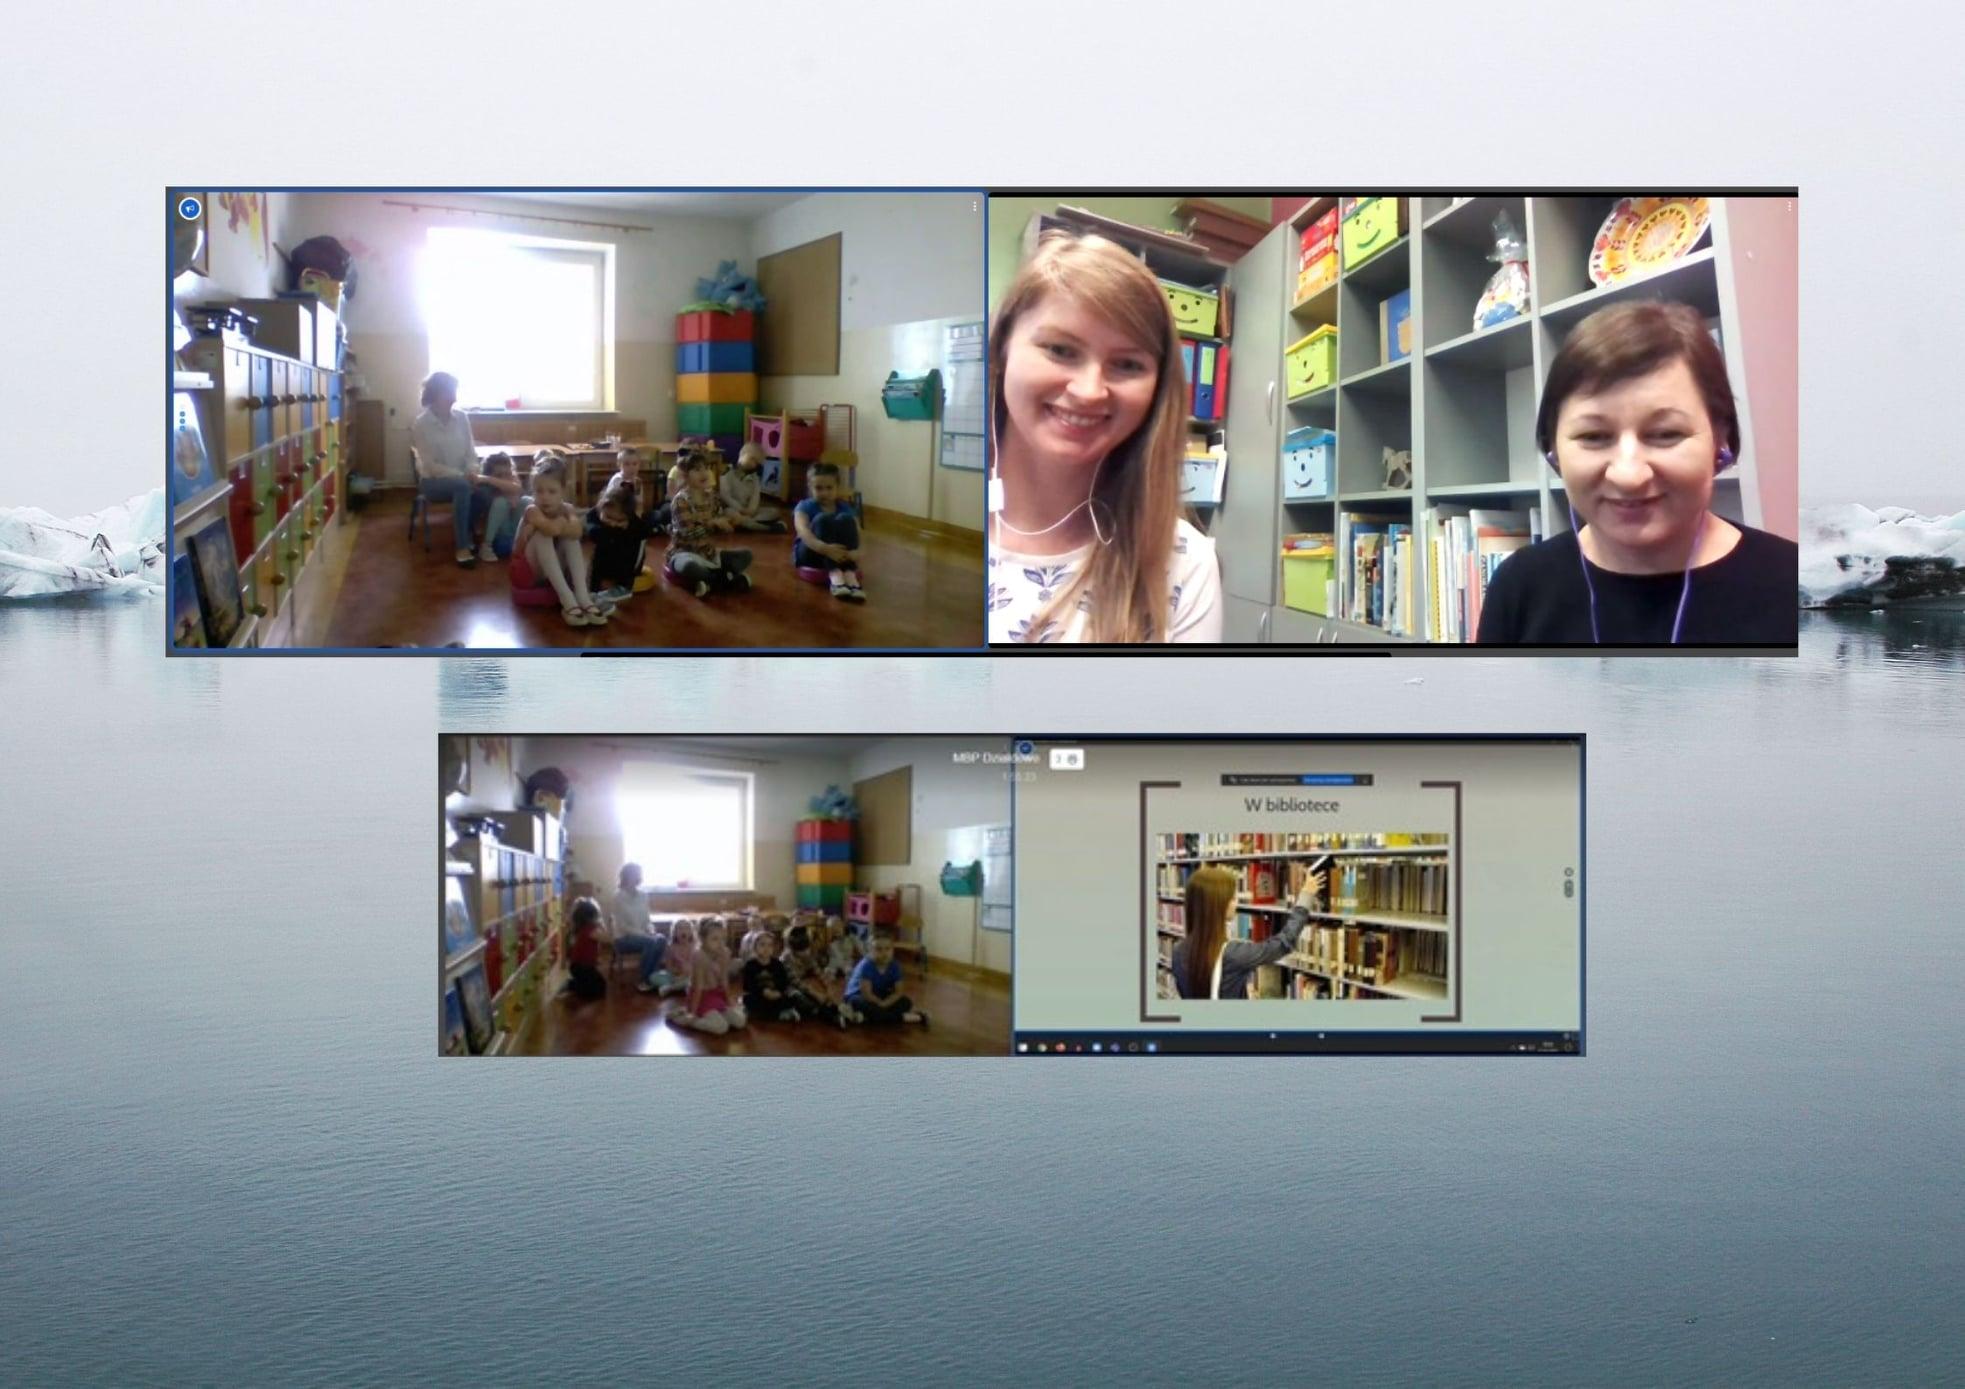 widok z kamerki internetowej na grupę dzieci w przedszkolu w Księżym Dworze oraz bibliotekarki- Anię i Aleksandrę prowadzące lekcję